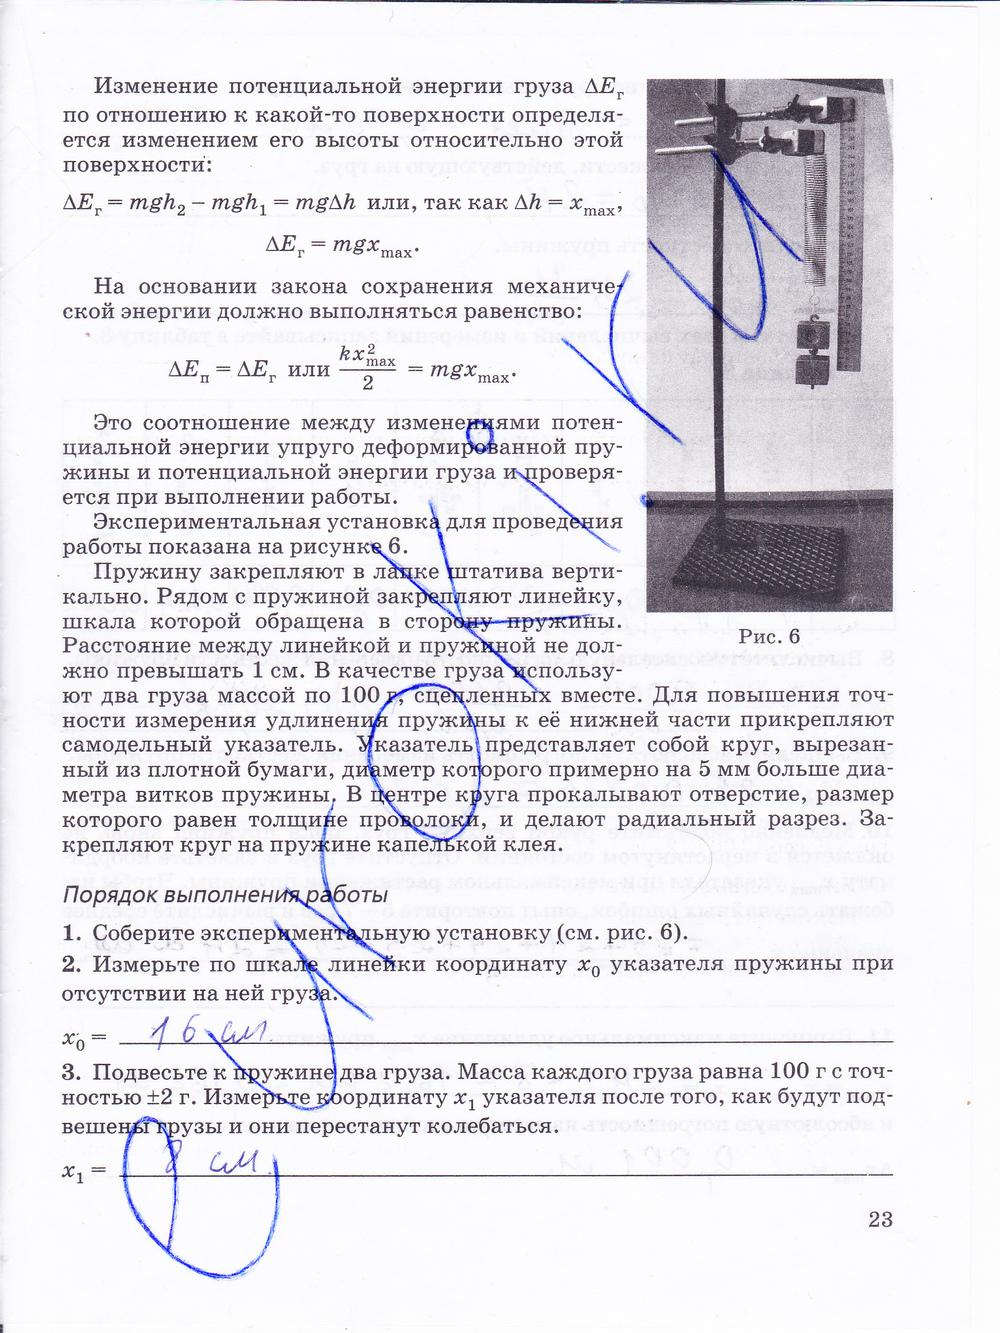 гдз по физике 10 класс лабораторные работы тетрадь